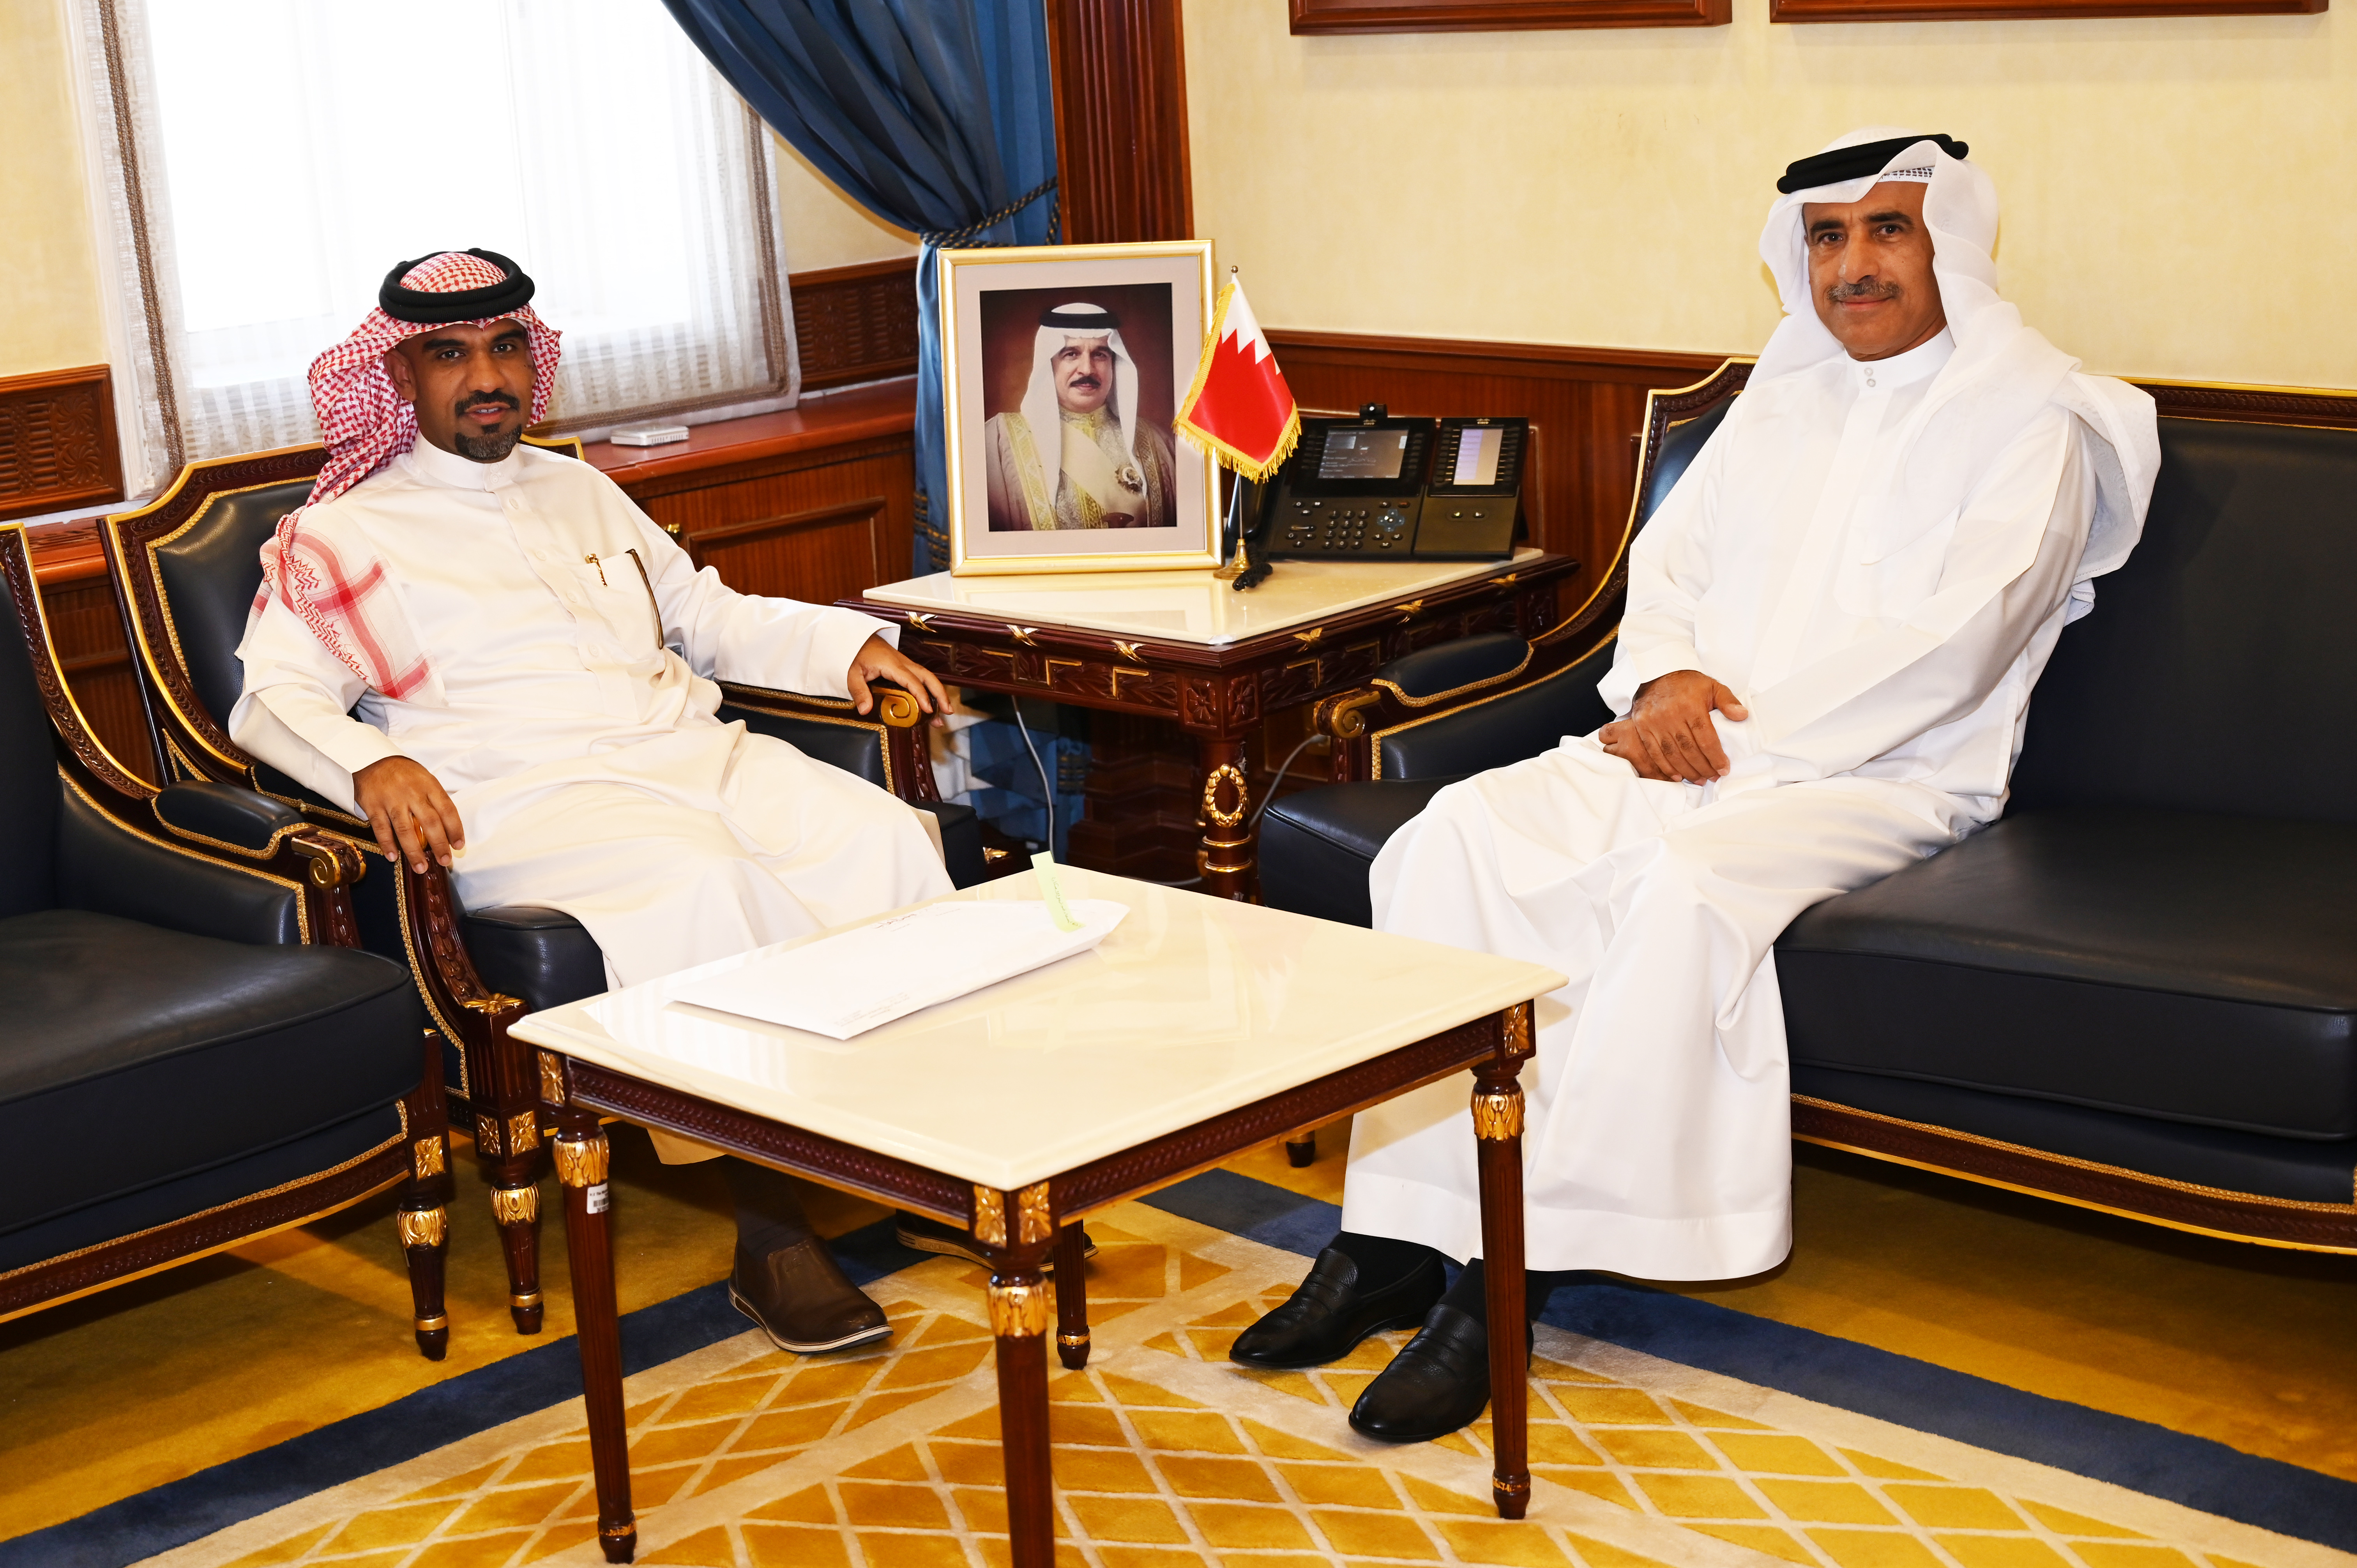 وزير الإسكان يستقبل النائب عبدالله الدوسري